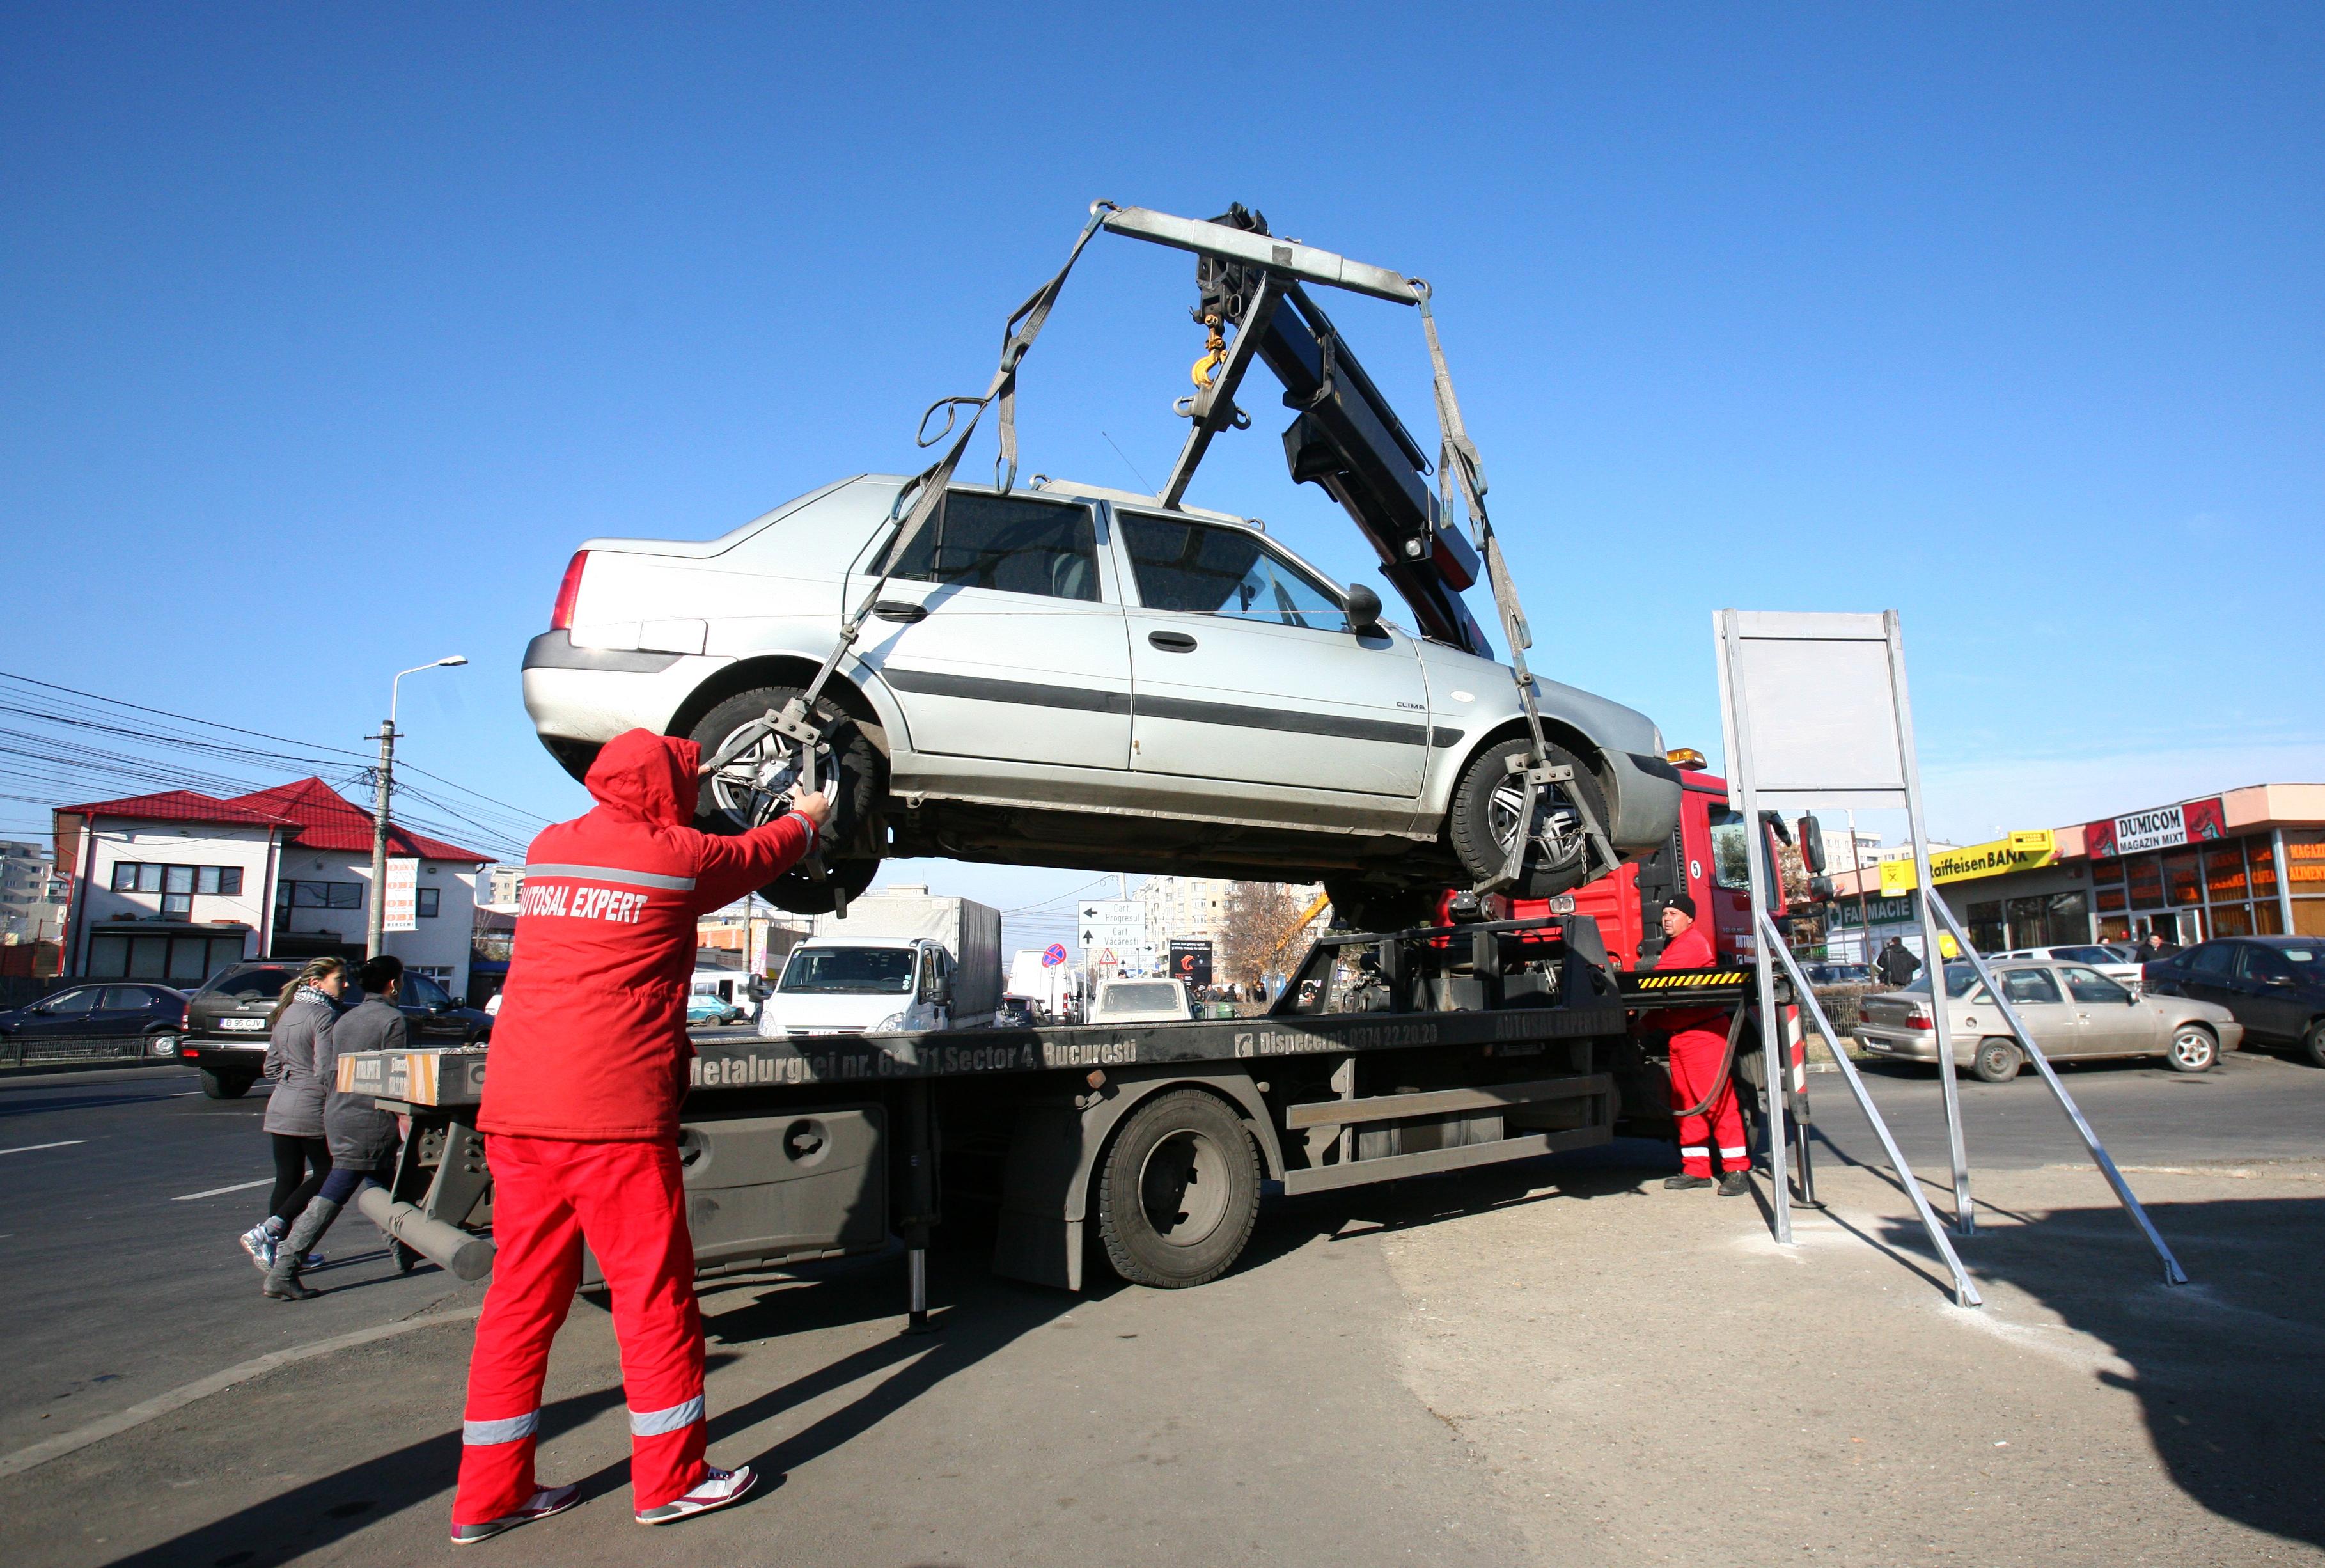 Capitala cumpără autospeciale pentru RIDICAREA autovehiculelor parcate NEREGULAMENTAR